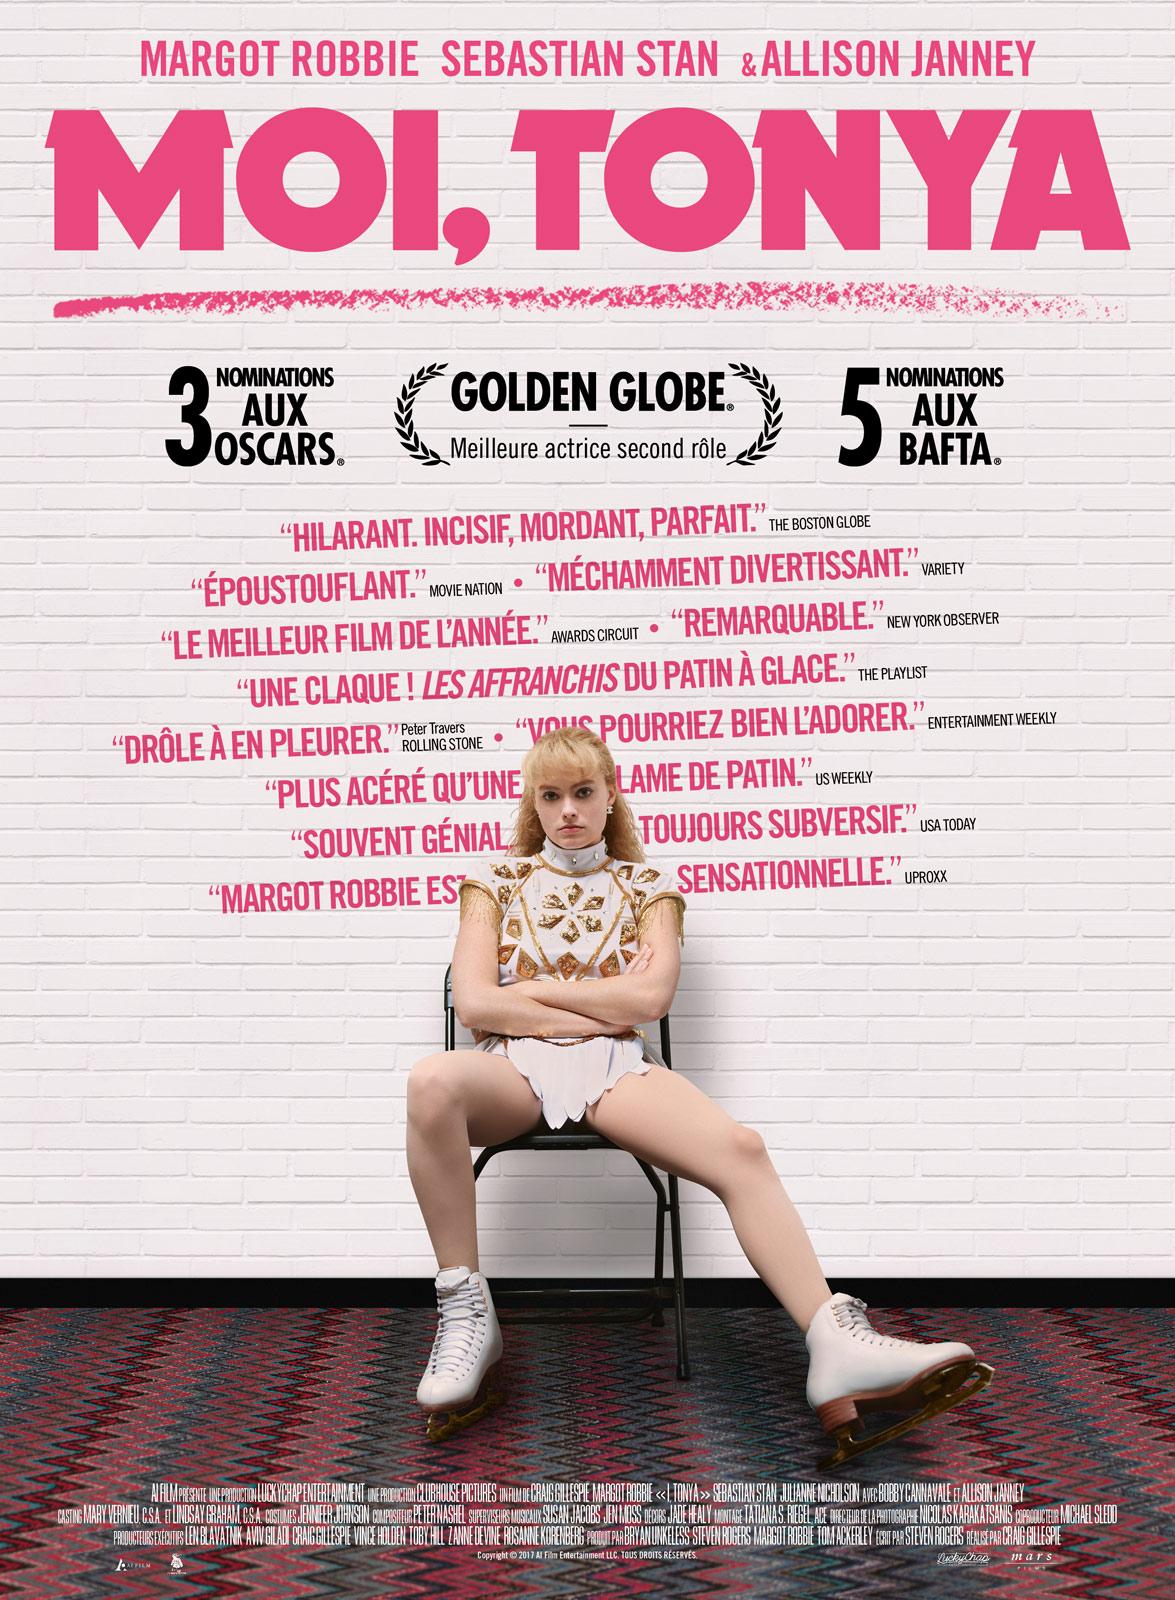 LE PLUS - L'imprégnation de Margot Robbie dans le rôle de Tonya Harding, qui nous rappelle étonnement son rôle dans Sucide Squade, mais qui nous fait encore et encore adorer l'actrice.